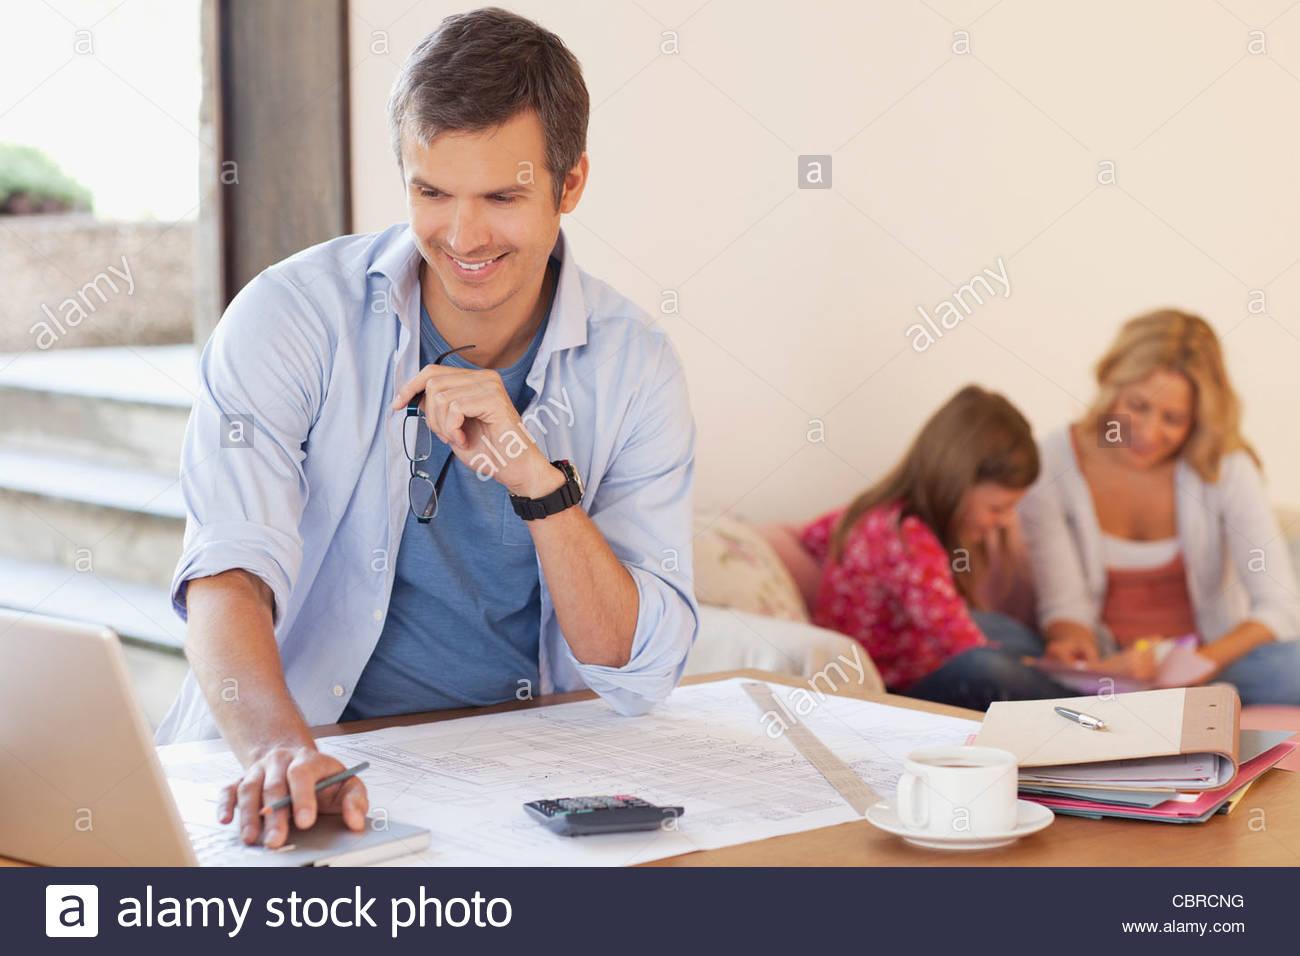 Hombre trabajando con la familia en segundo plano. Imagen De Stock